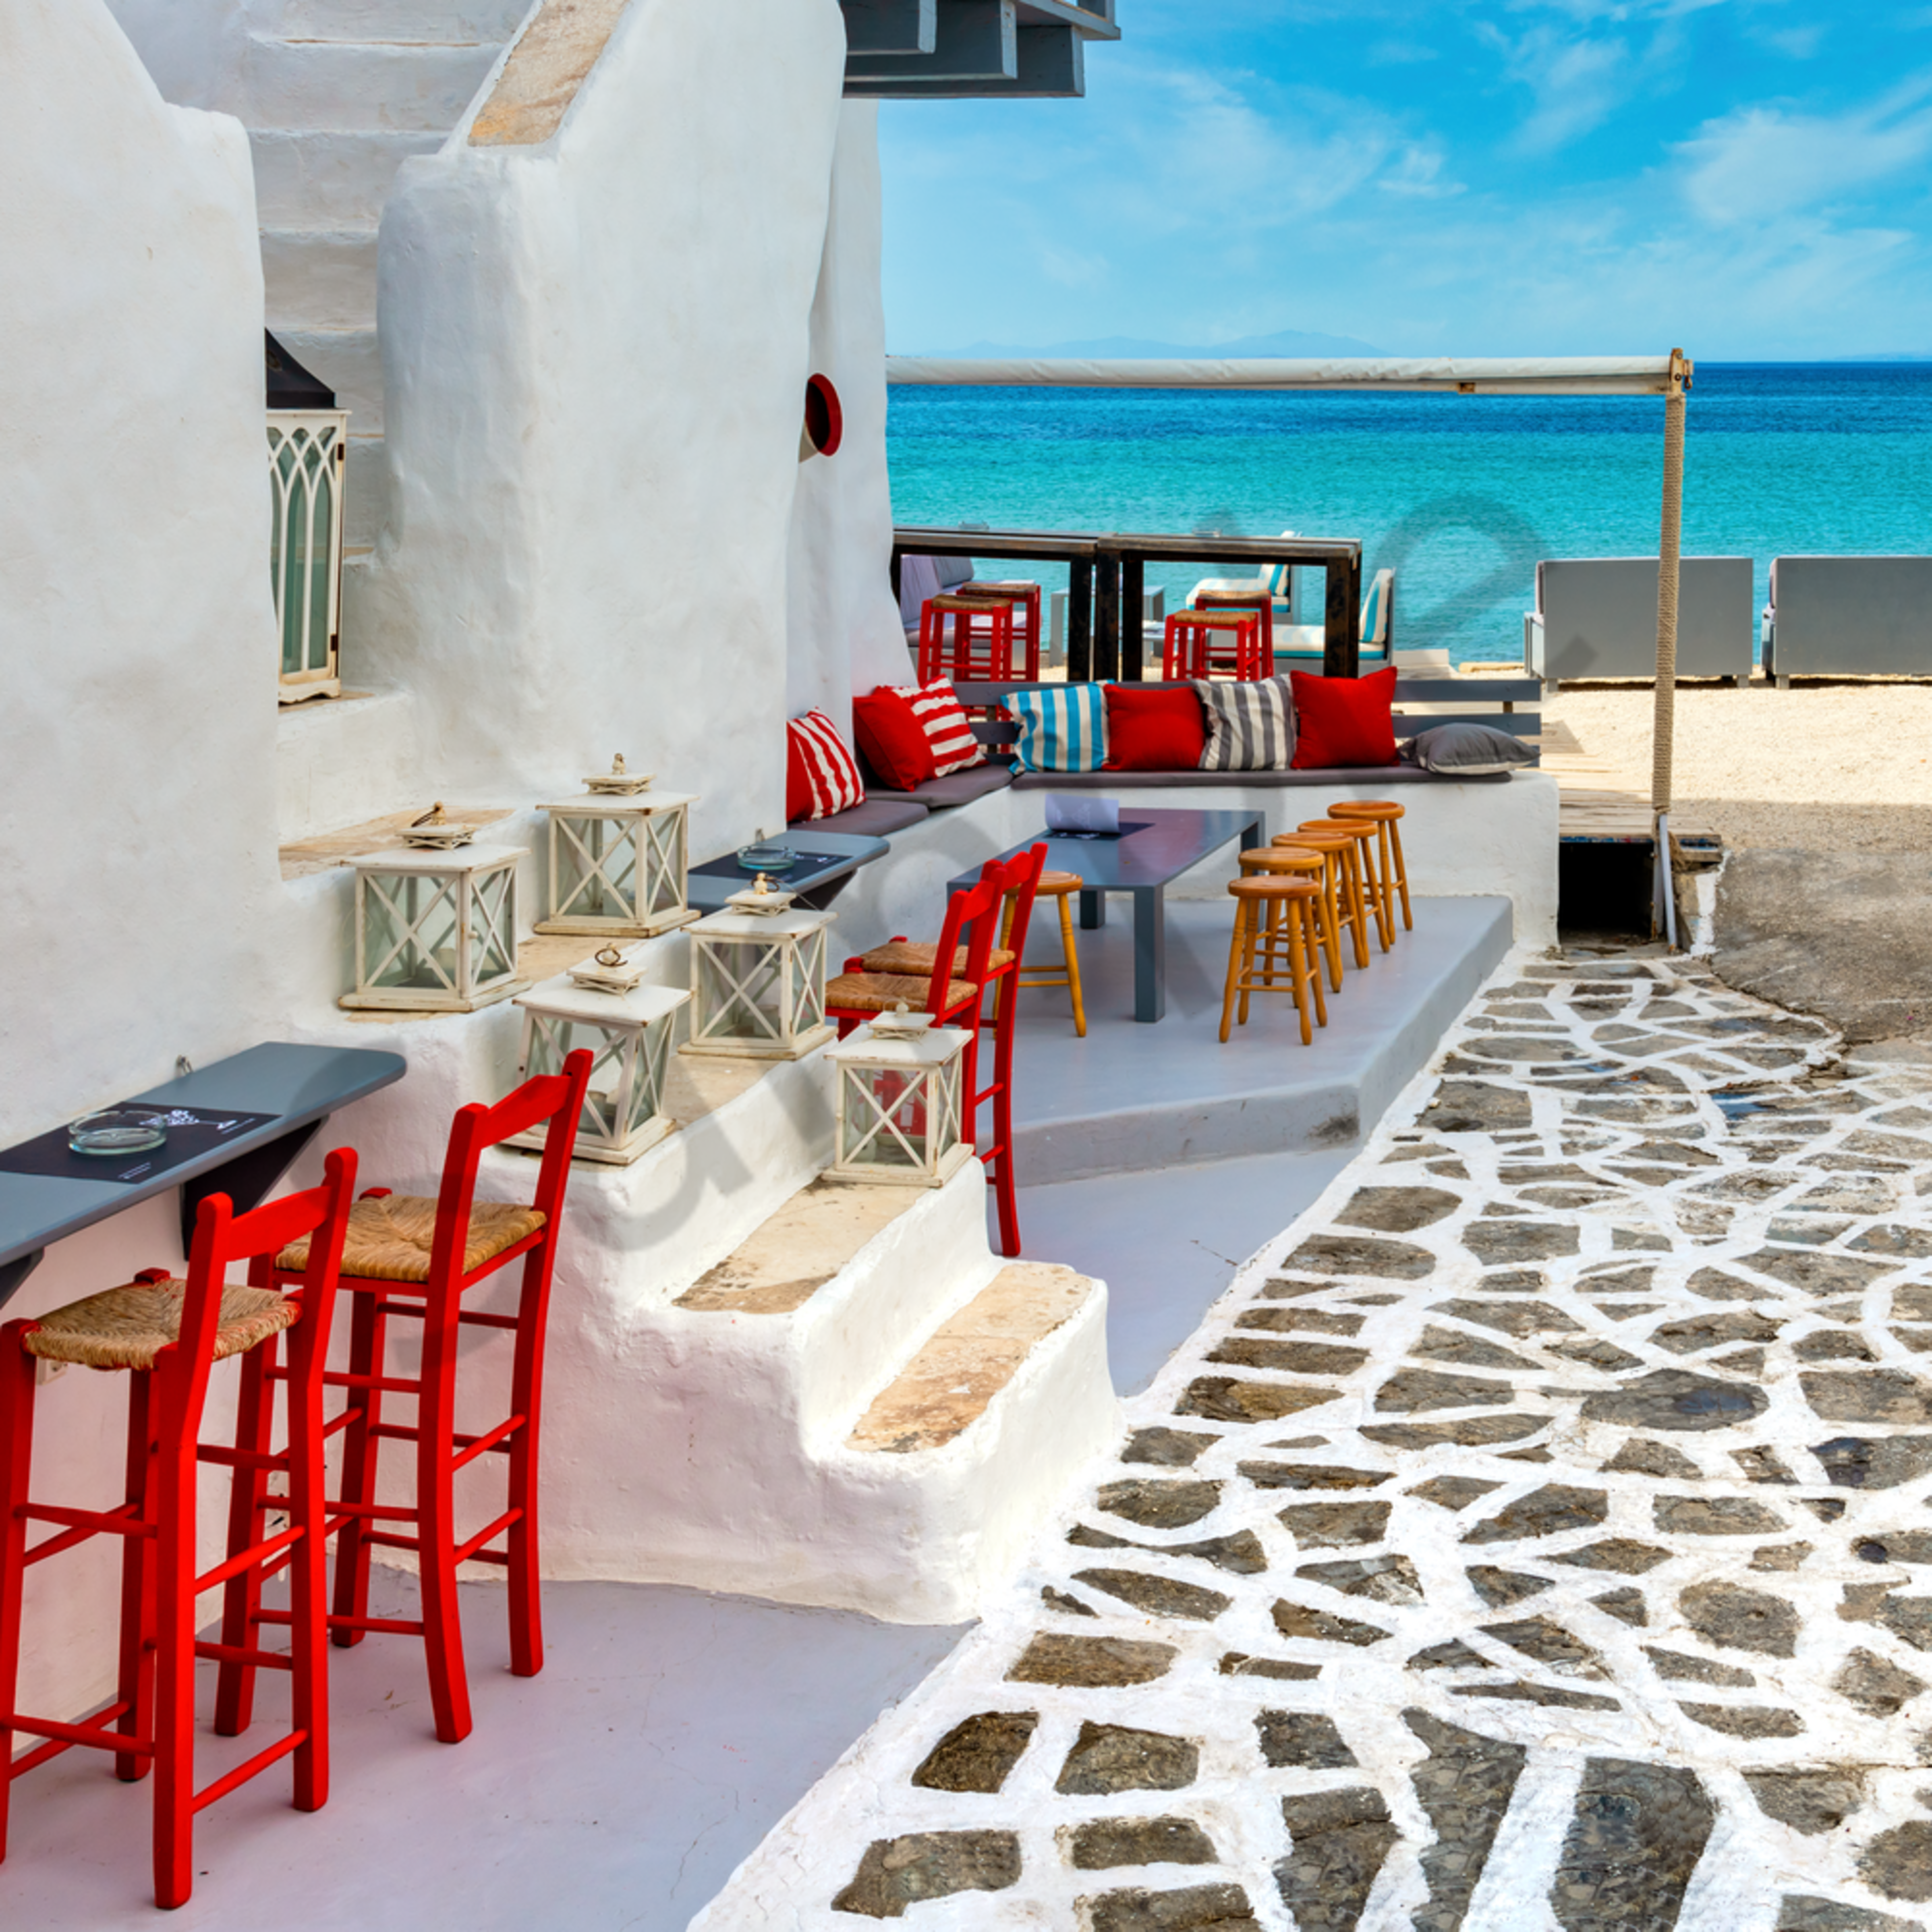 Beach access naousa paros greece zslezl